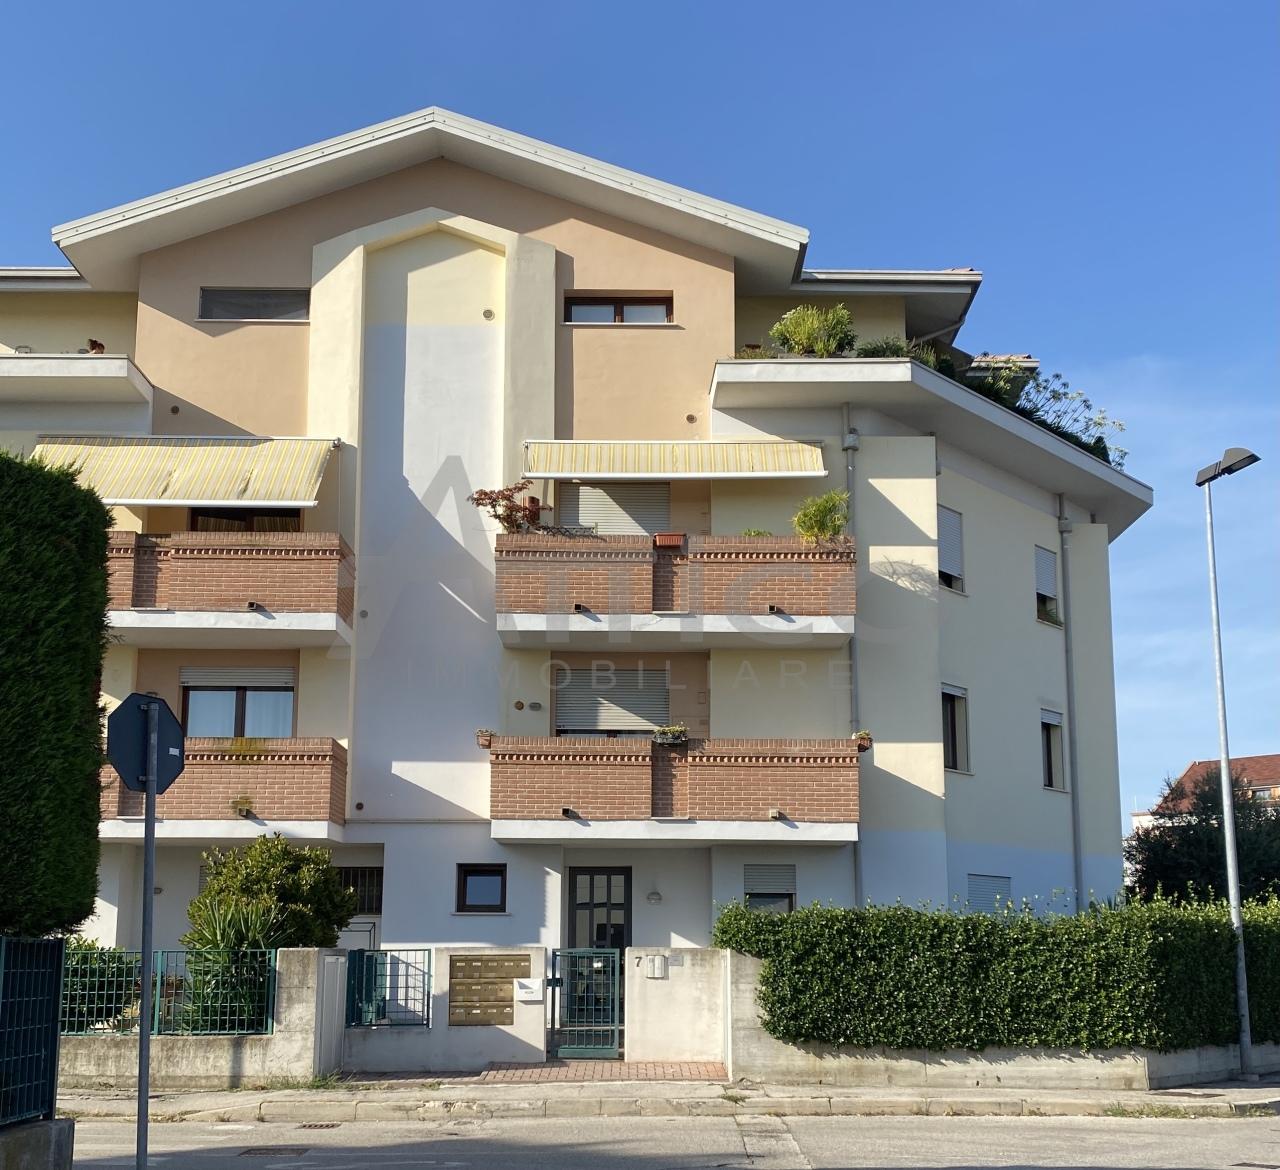 Appartamento in vendita a Rovigo, 5 locali, prezzo € 130.000 | PortaleAgenzieImmobiliari.it